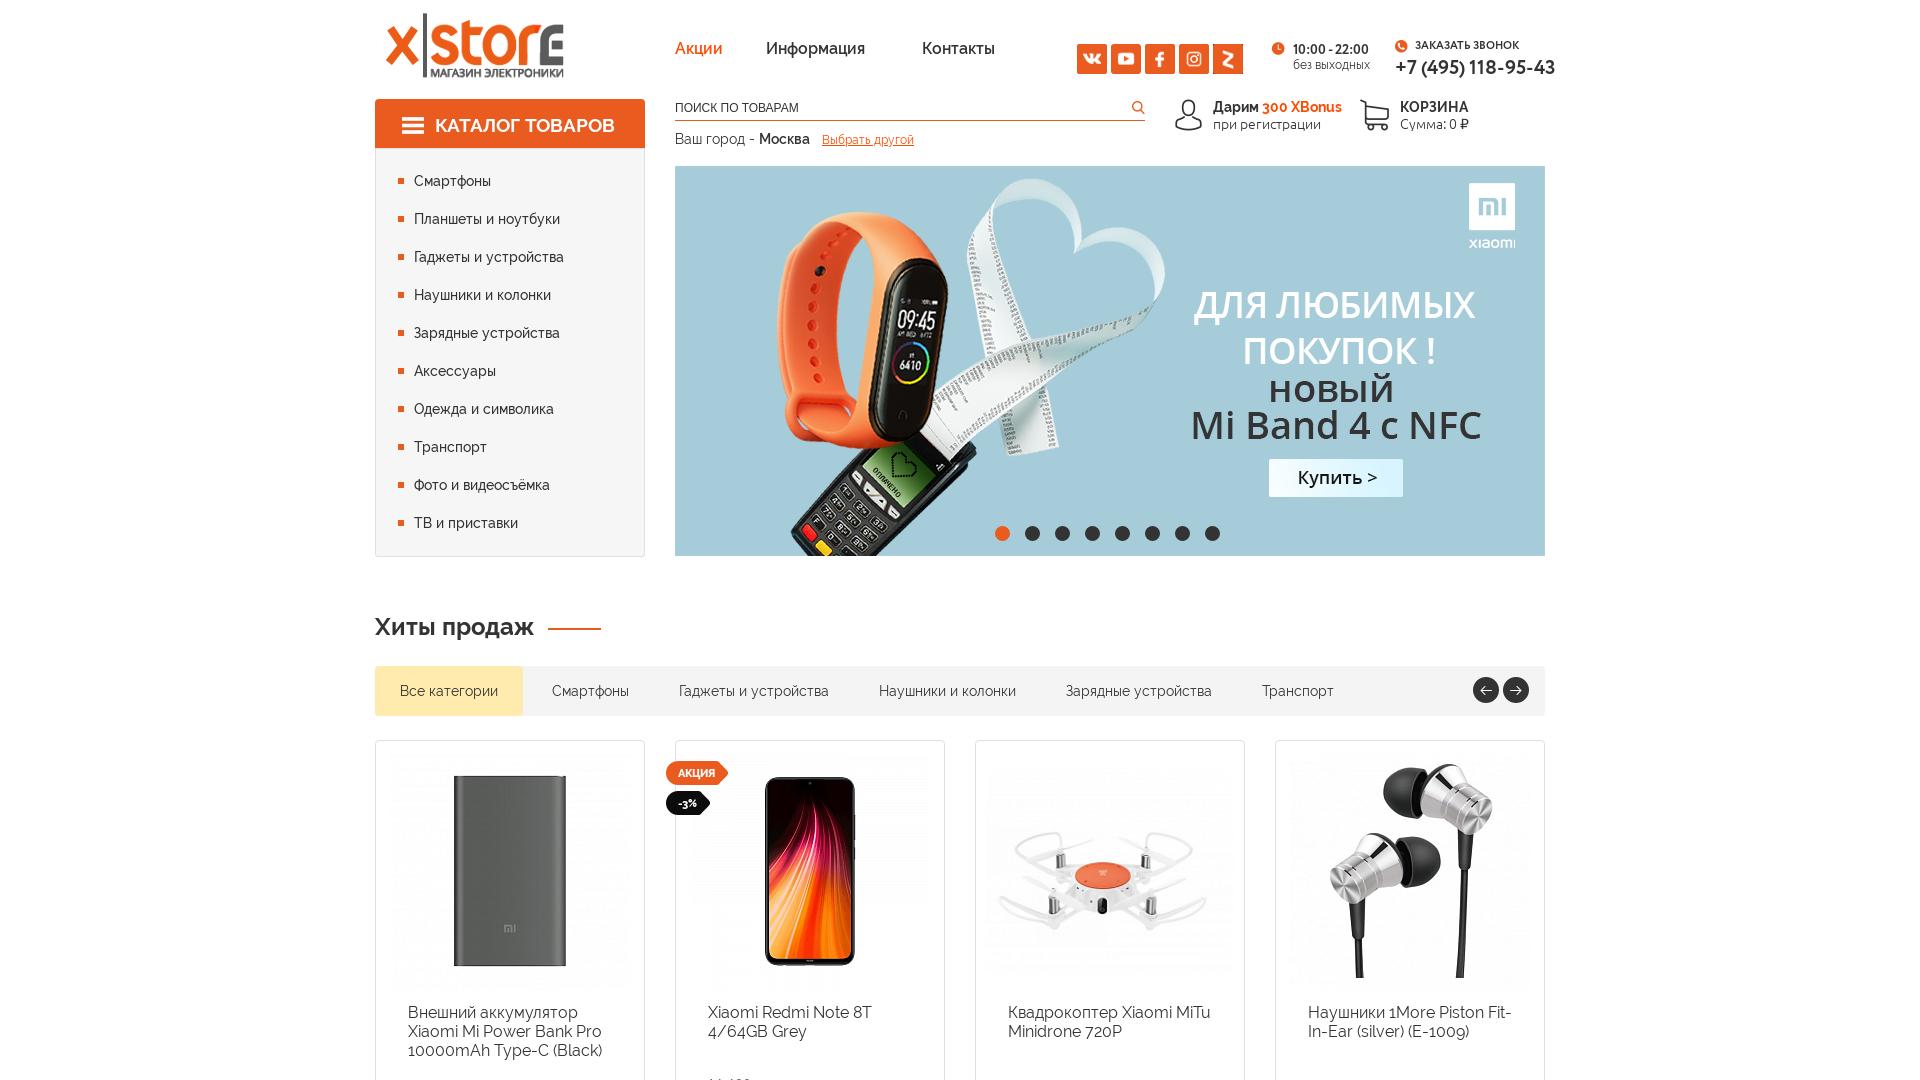 X-store website